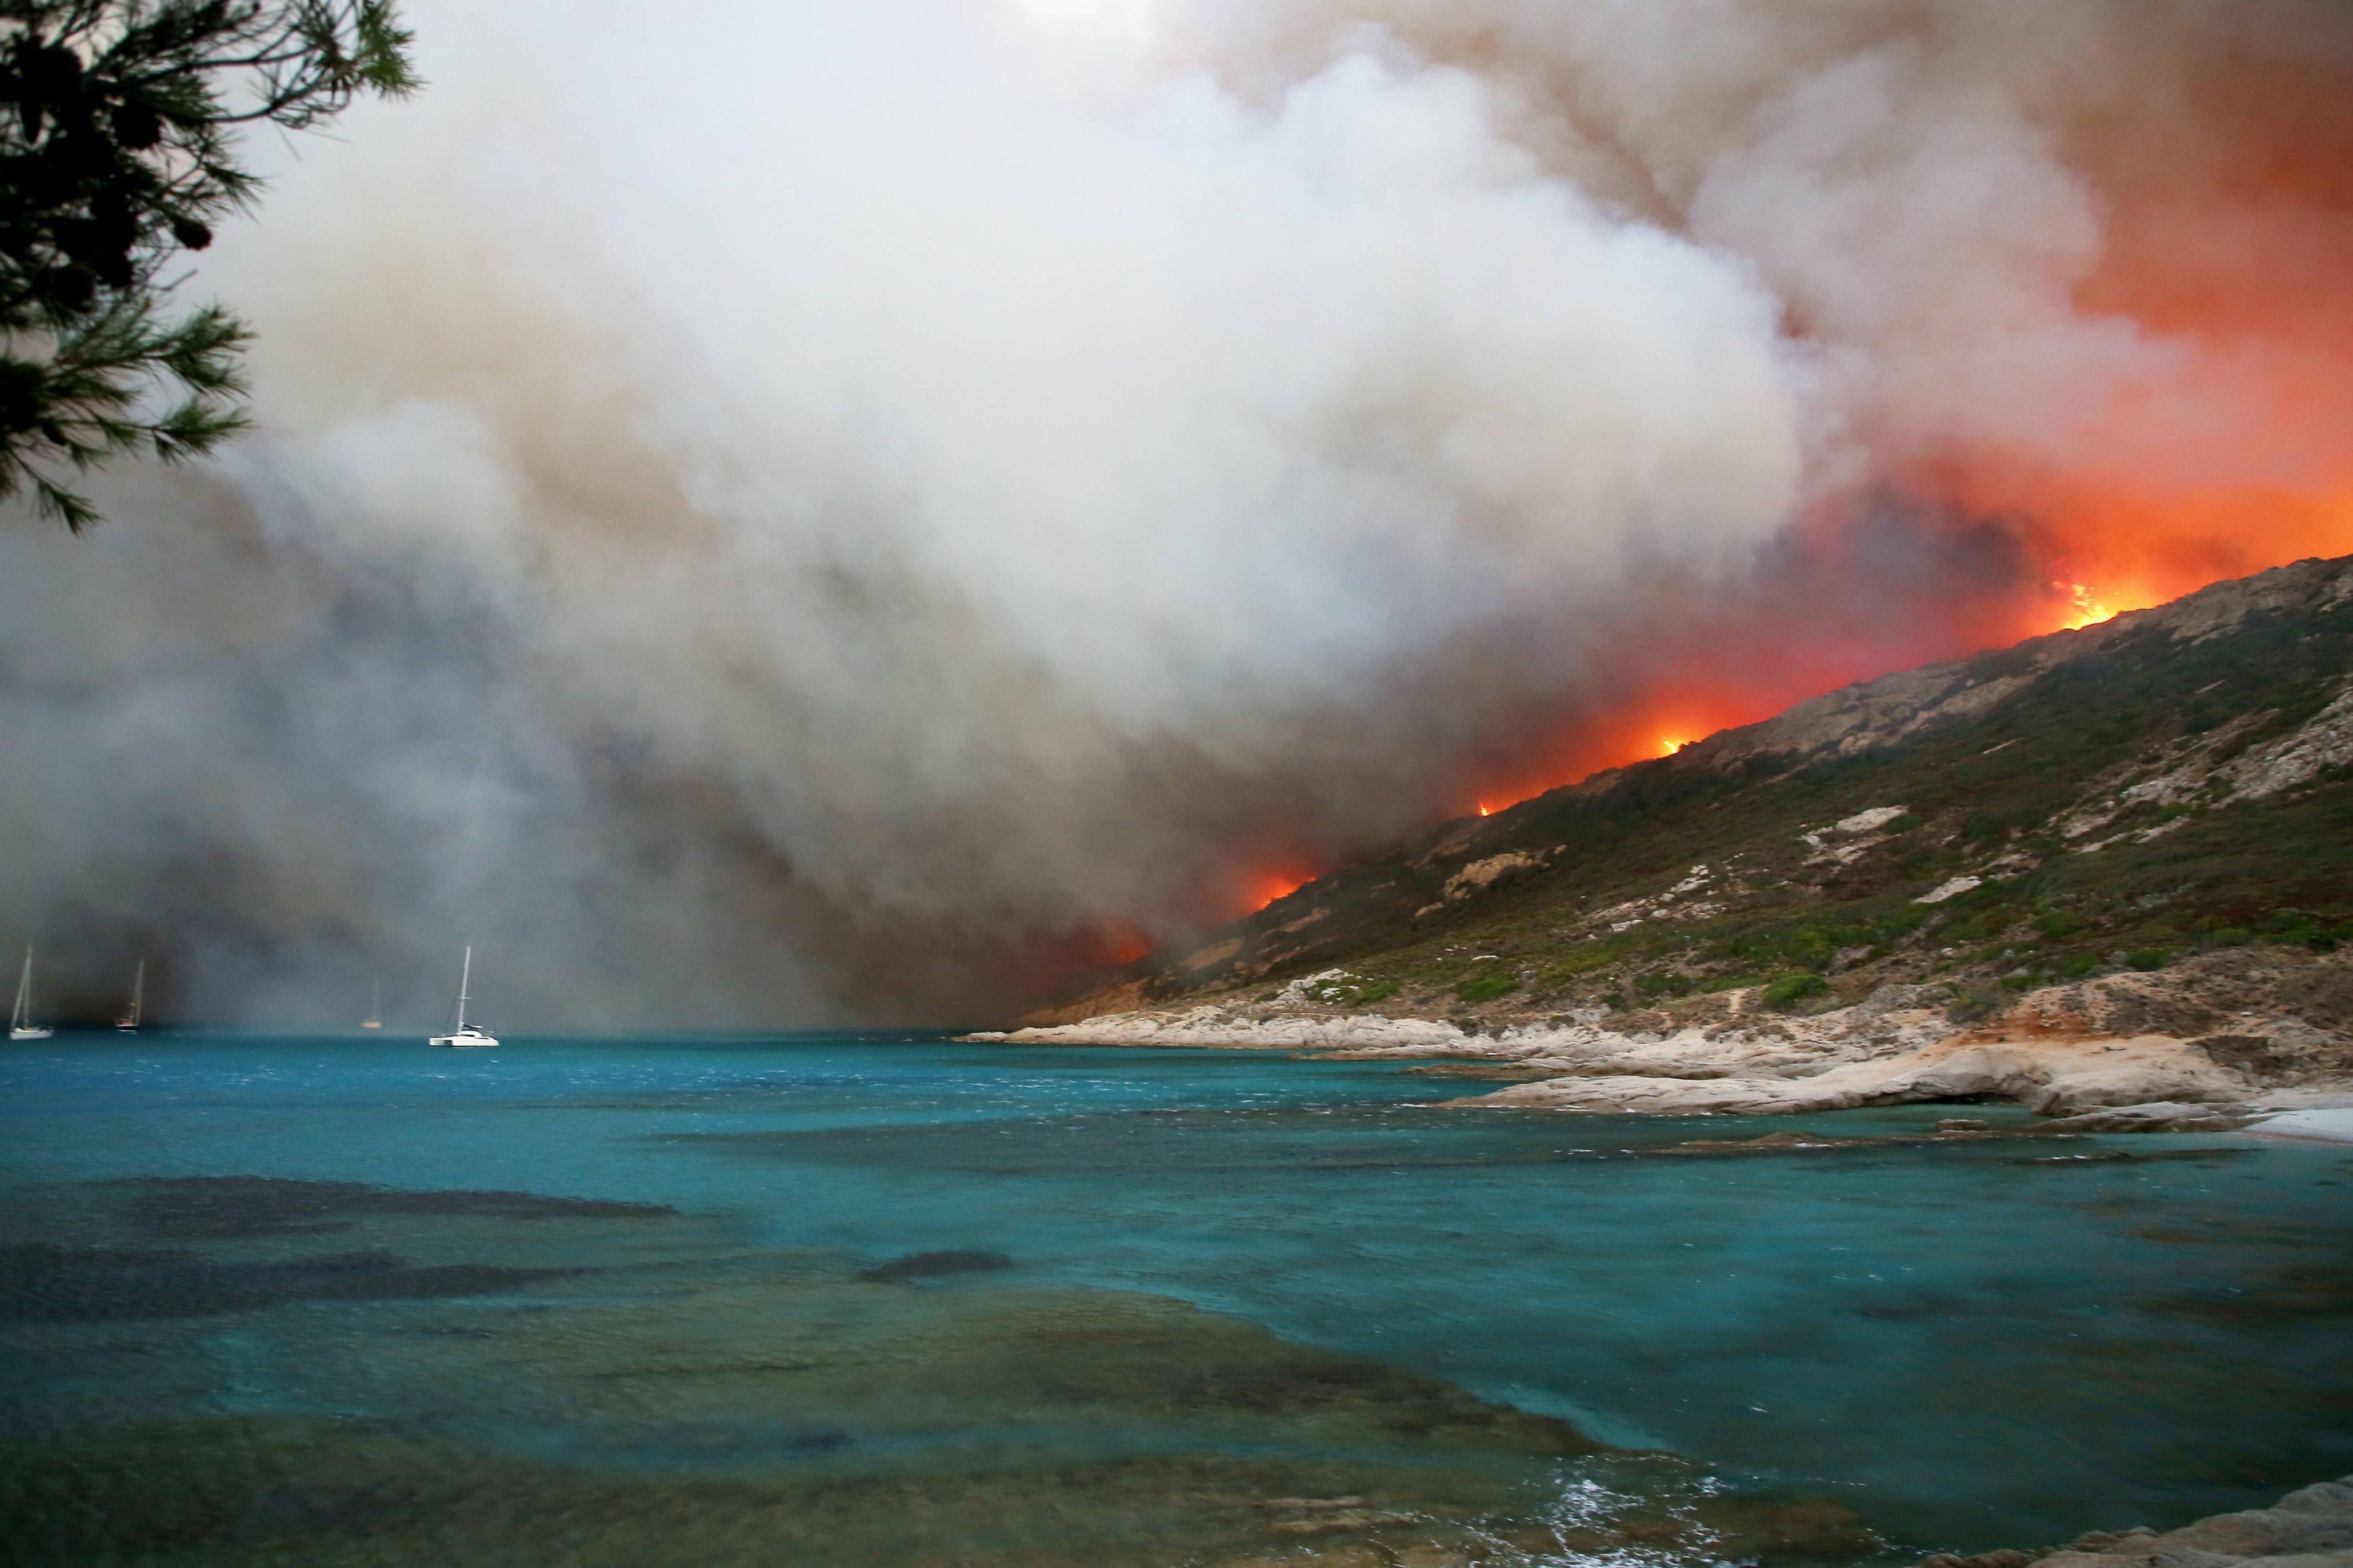 În cele mai mari ţări cu litoral din Europa, preferate de români vara, sunt pericole de INCENDII. Zonele expuse, comunicate de MAE